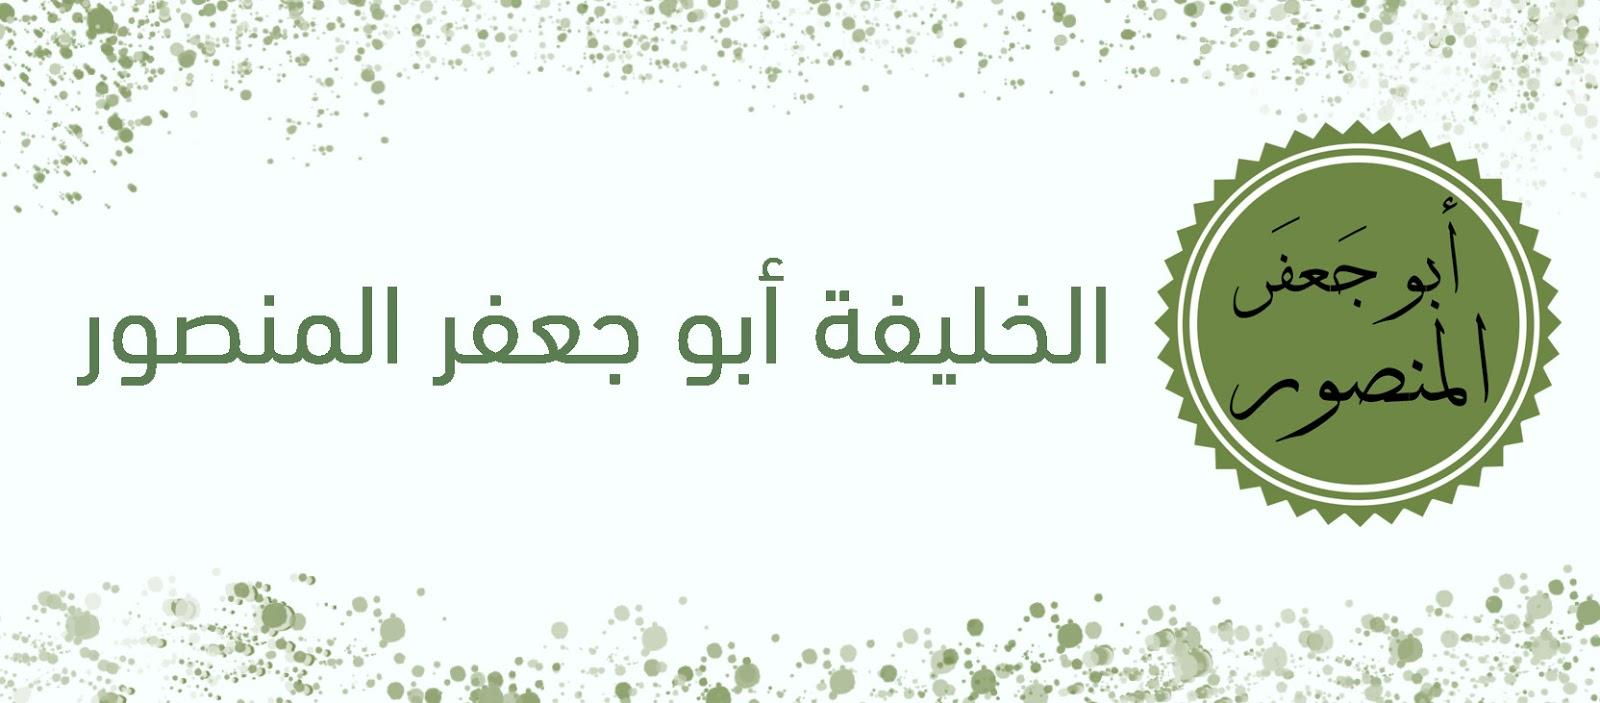 الخليفة العباسي أبو جعفر المنصور